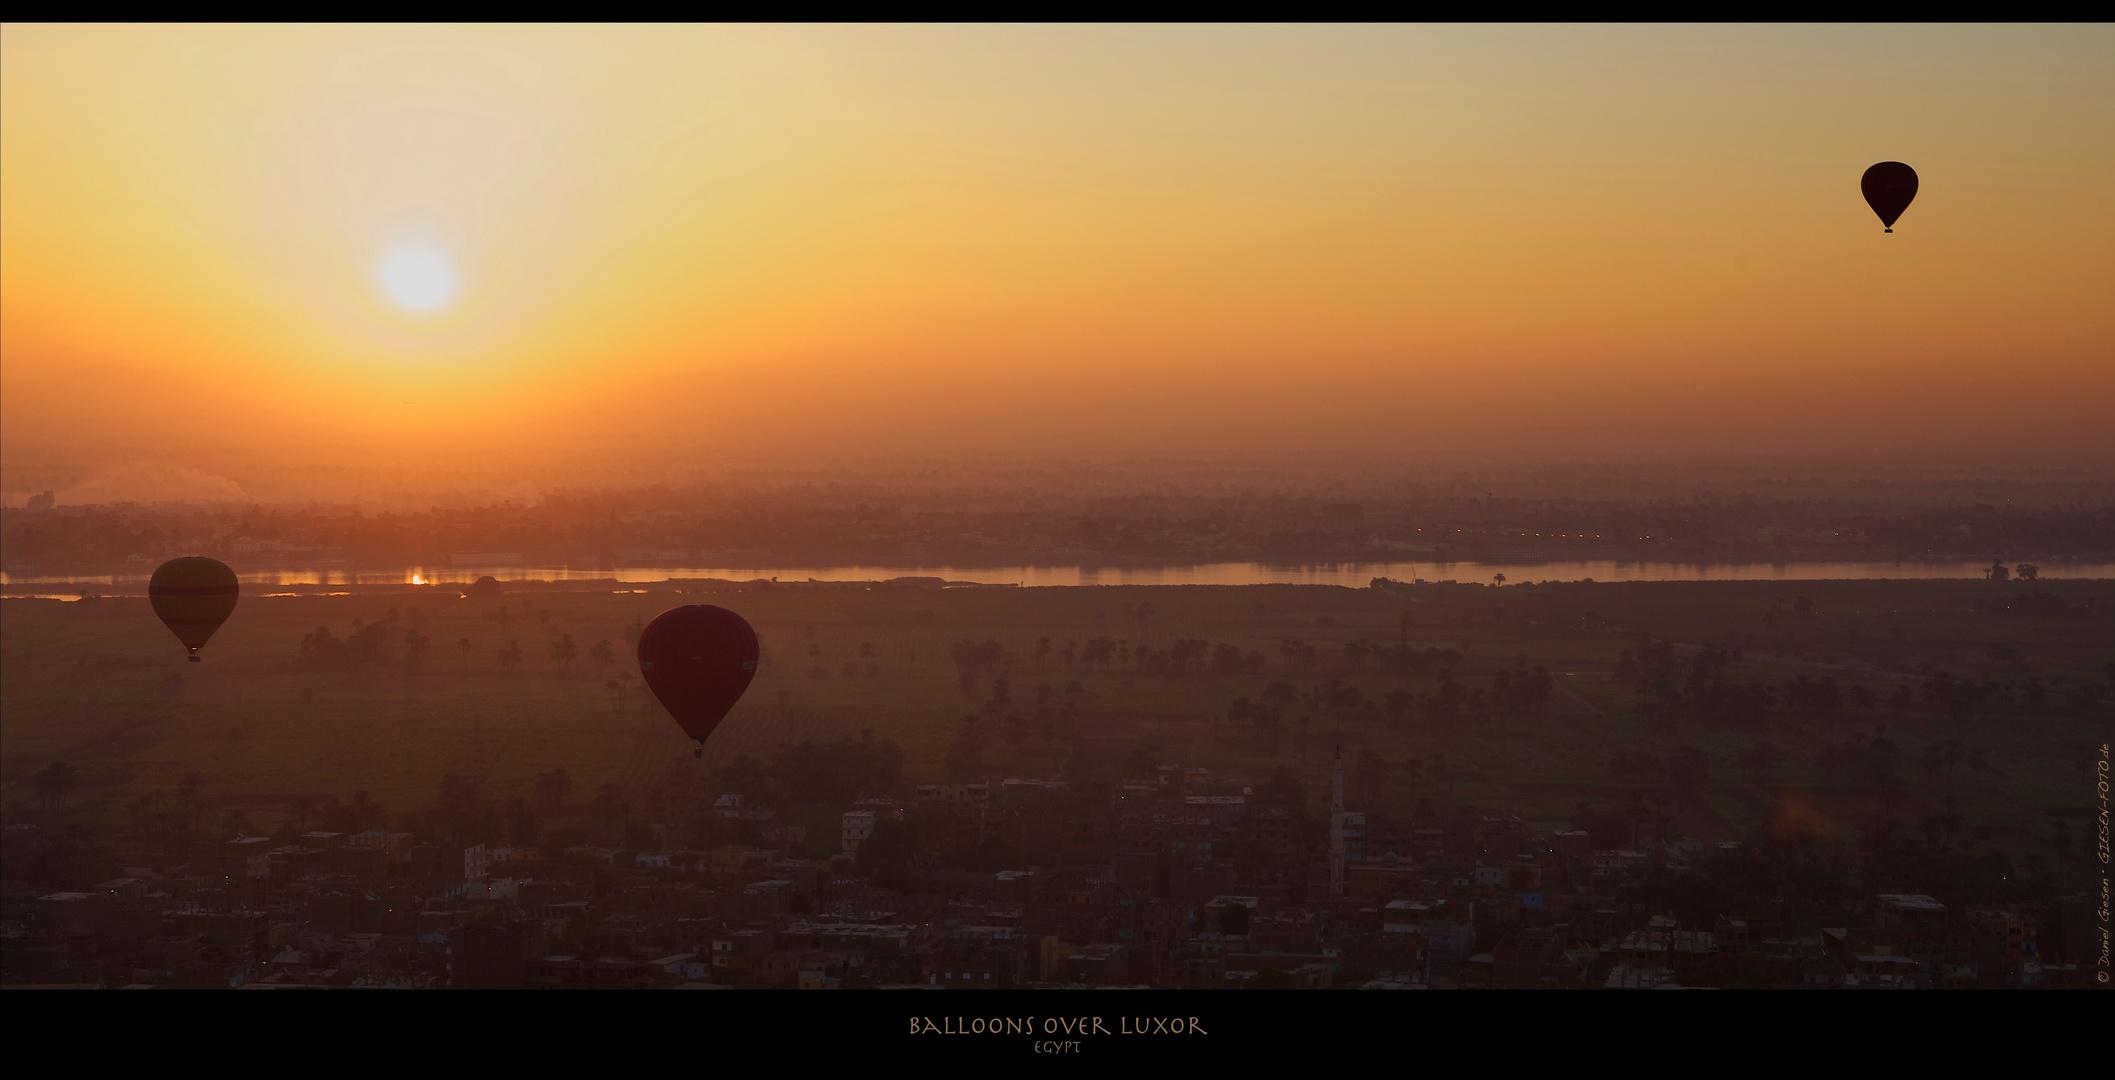 Balloons over Luxor 05, Egypt 2011